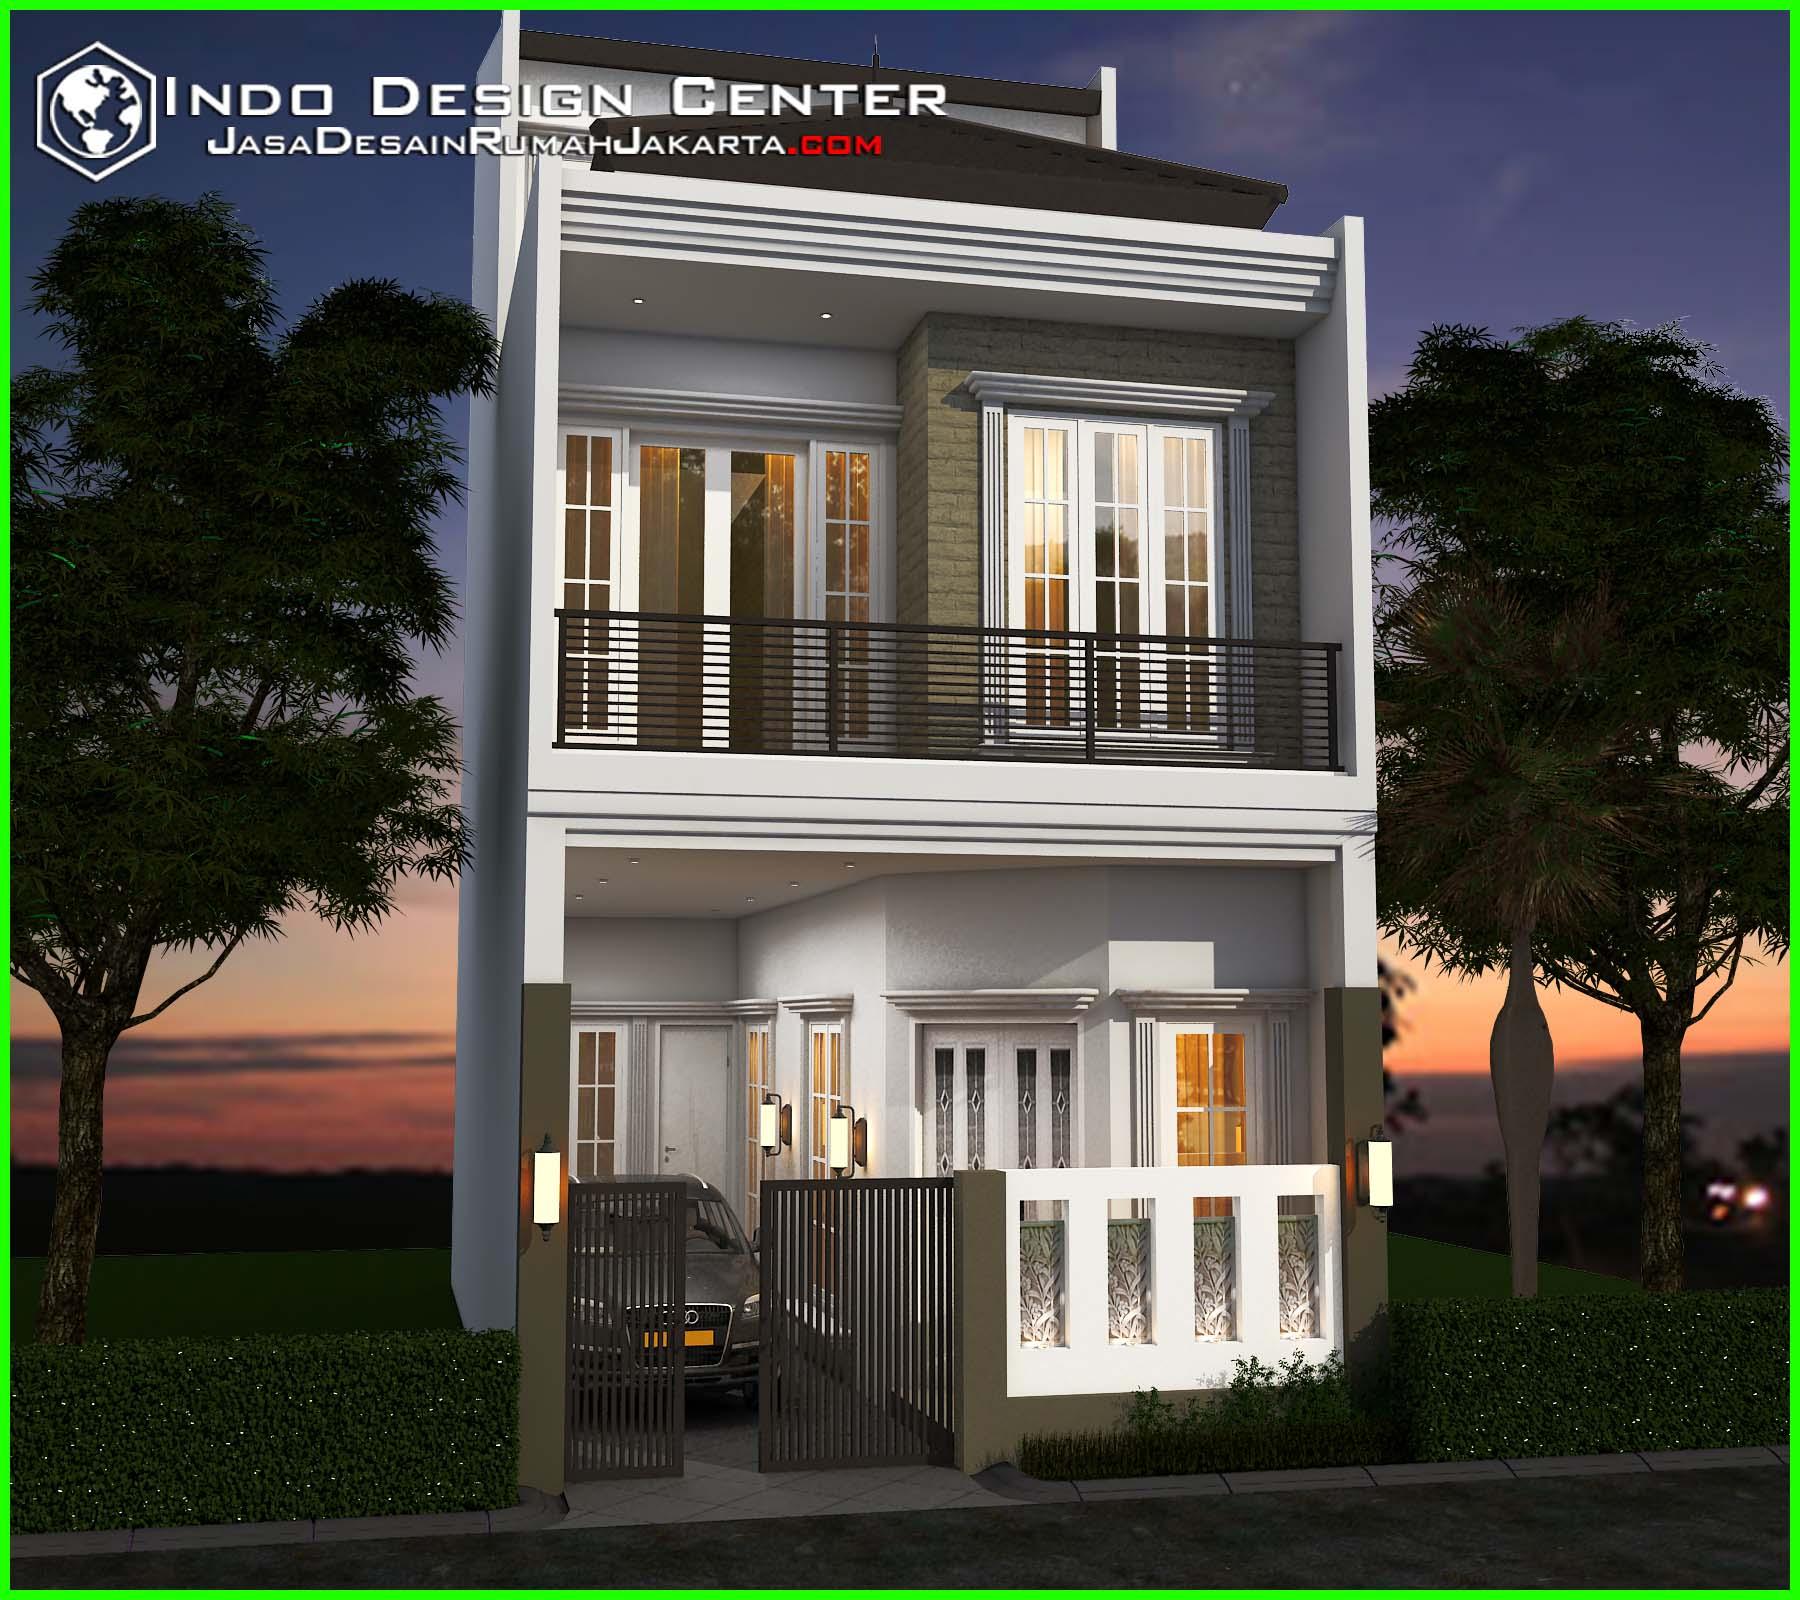 Arsitektur Rumah: Gambar Rumah Tingkat Minimalis, Jasa Desain Rumah Jakarta